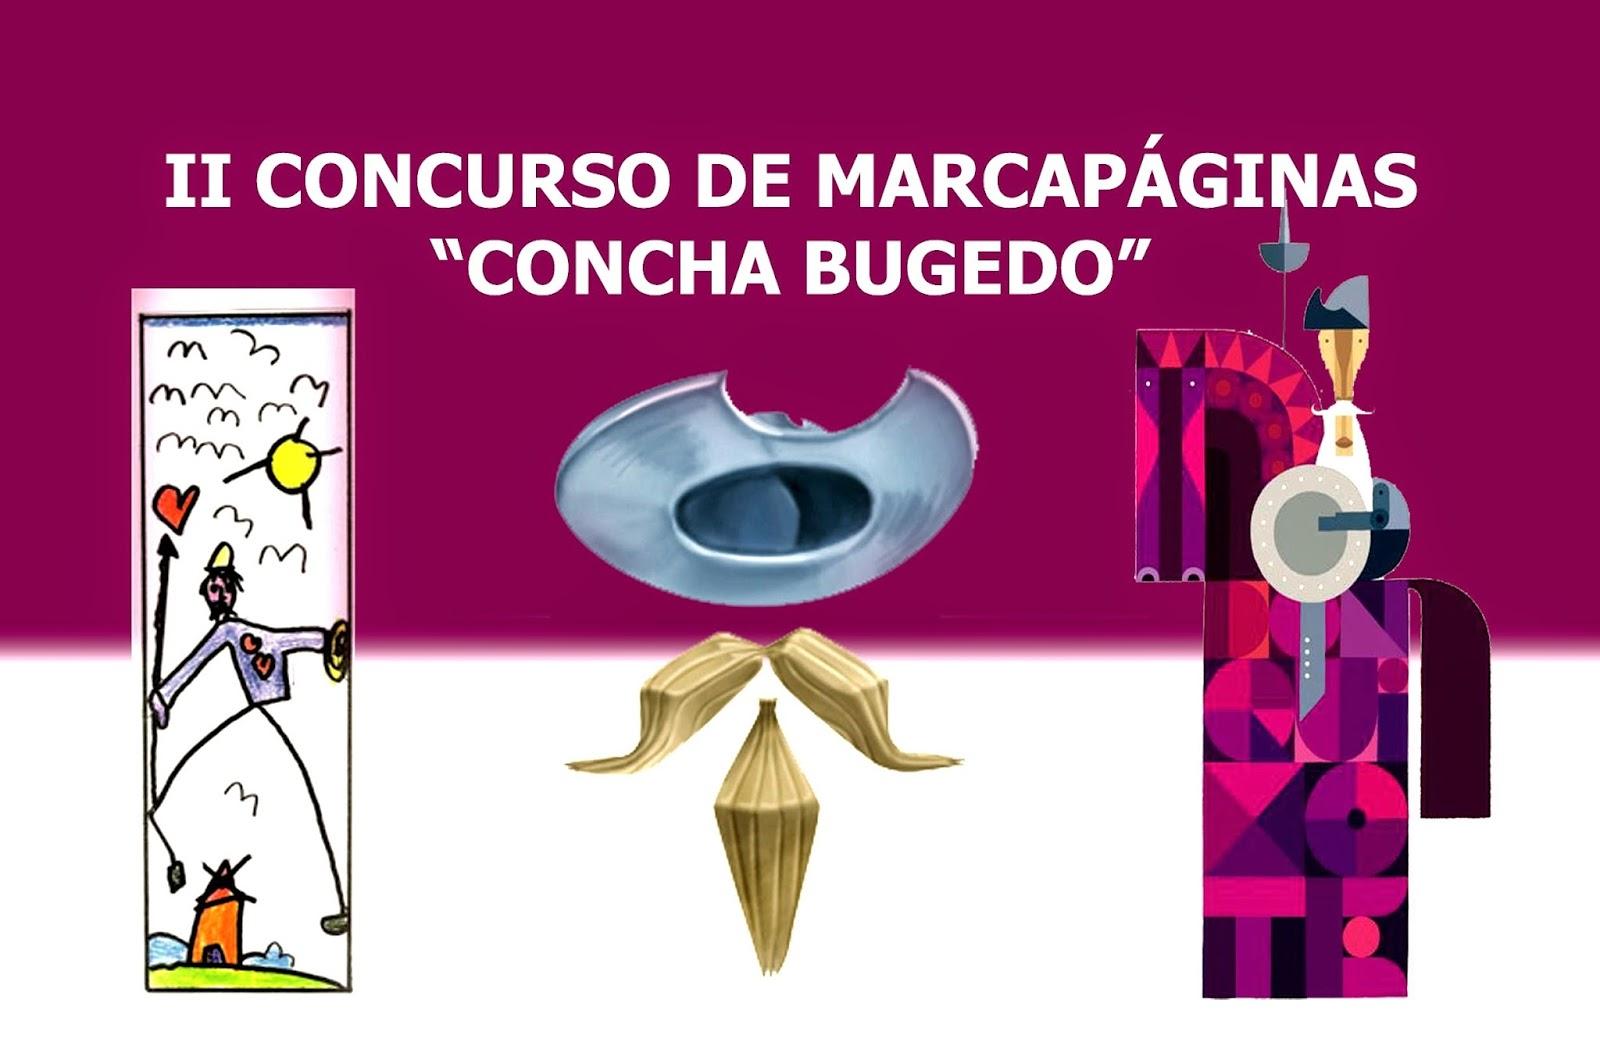 http://bibliotecaescolarlasllamas.blogspot.com.es/2015/03/vuelve-el-concurso-de-marcapaginas.html